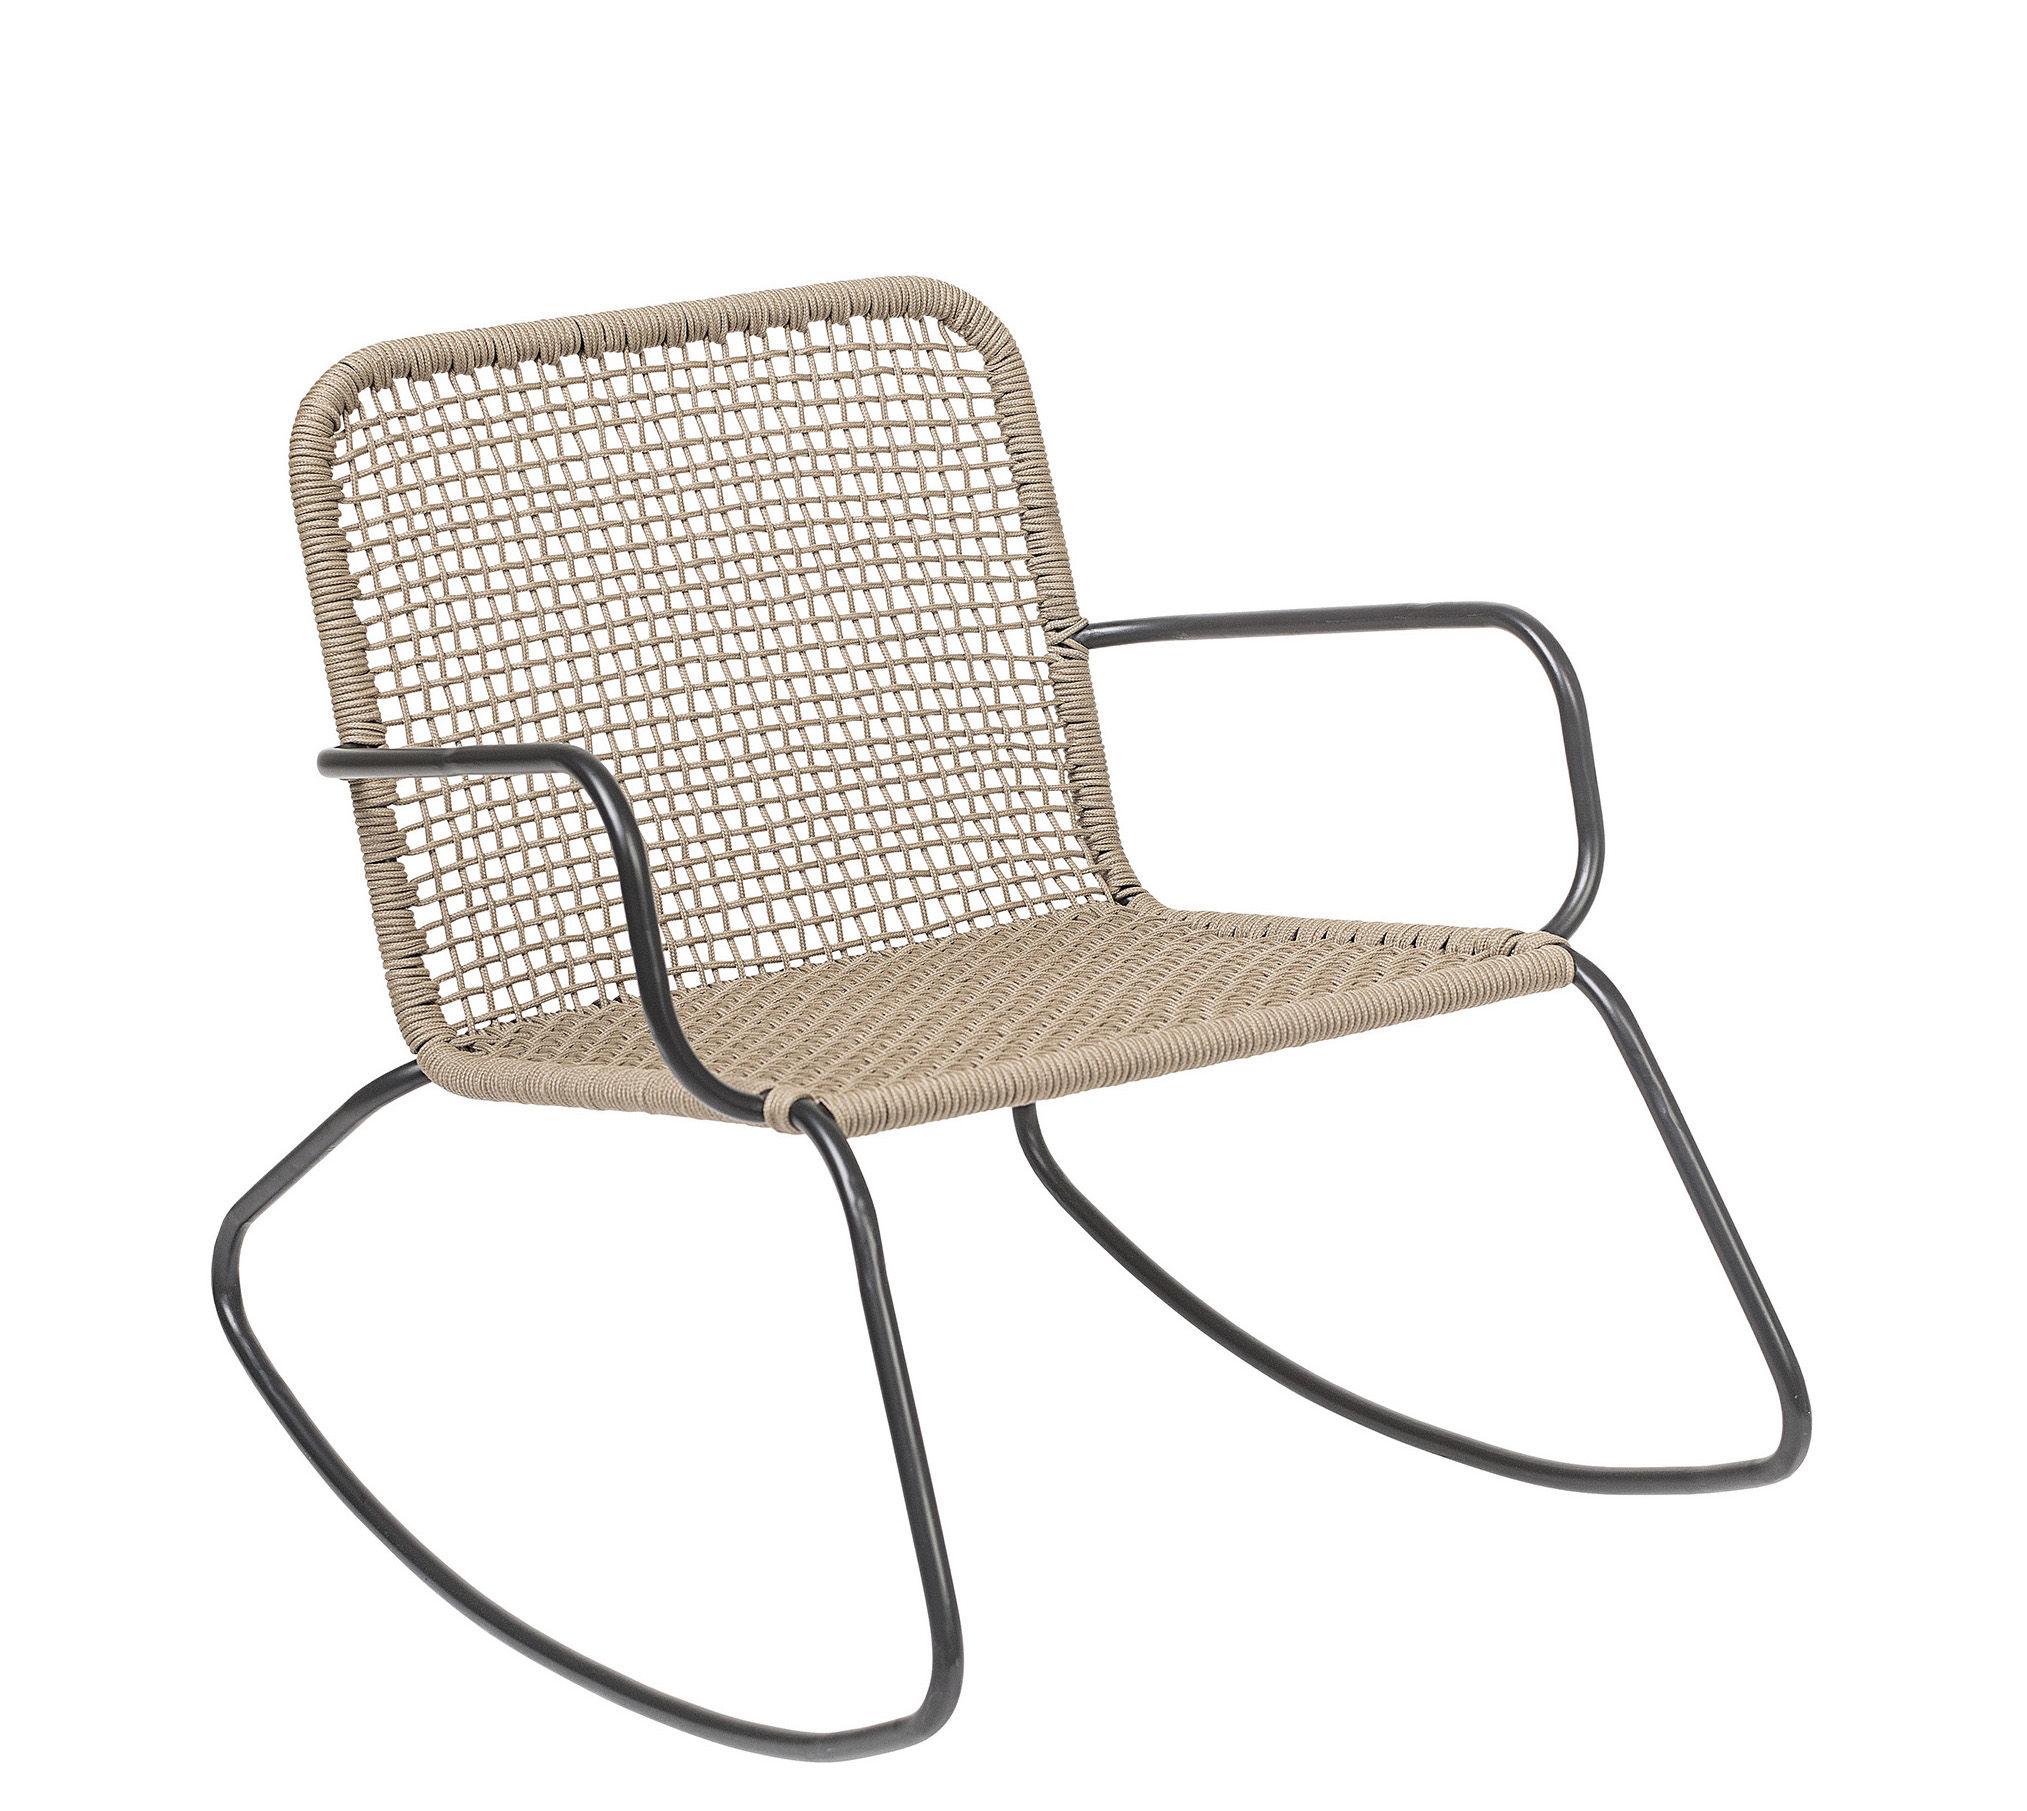 Möbel - Lounge Sessel - Nature Schaukelstuhl / für Haus, Terrasse und Garten - Bloomingville - Beige / schwarz - lackierter Stahl, PVC-Draht